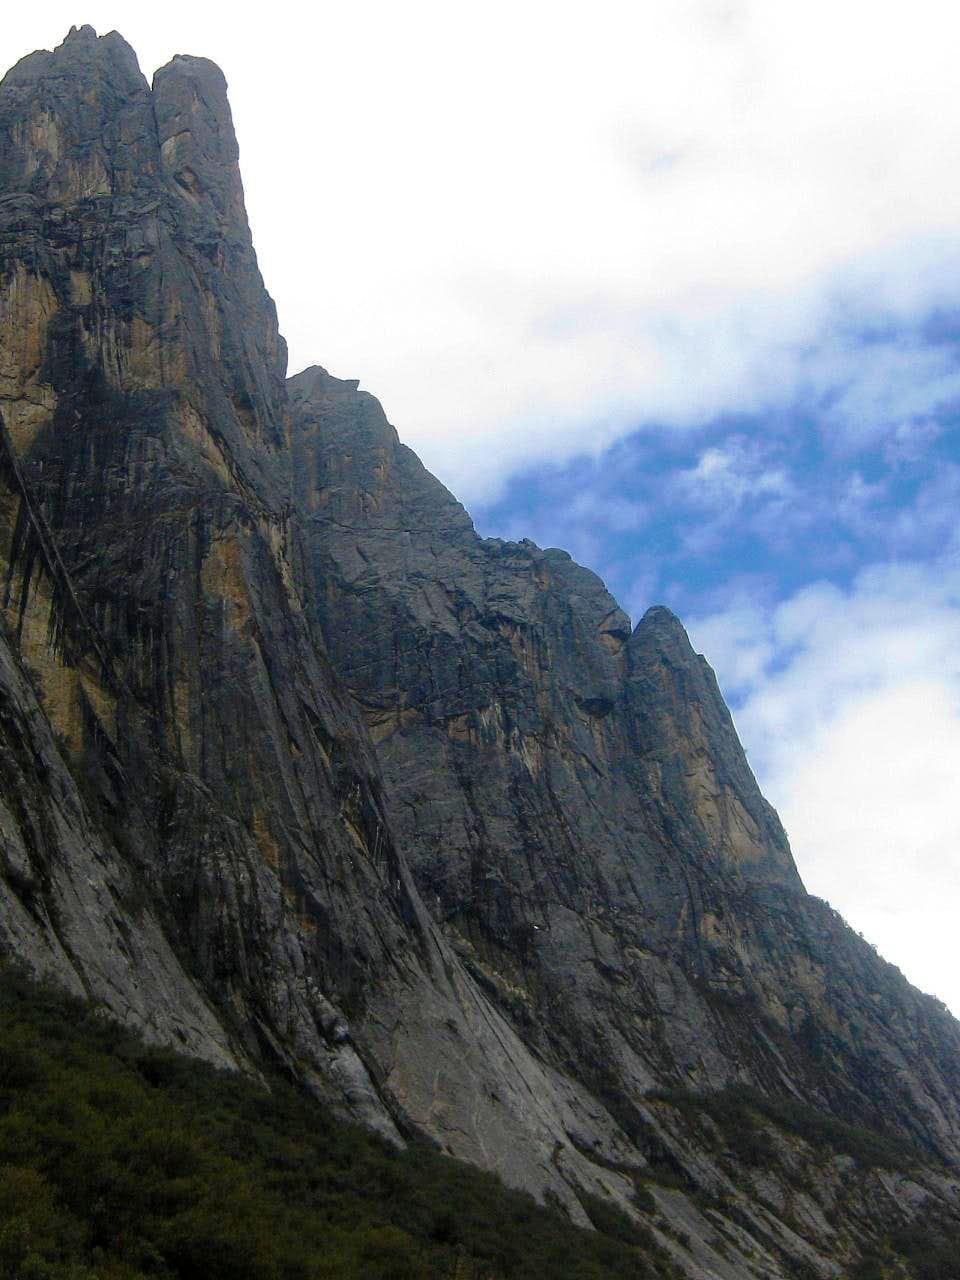 A closer view of the steep walls of Quebrada Rurec